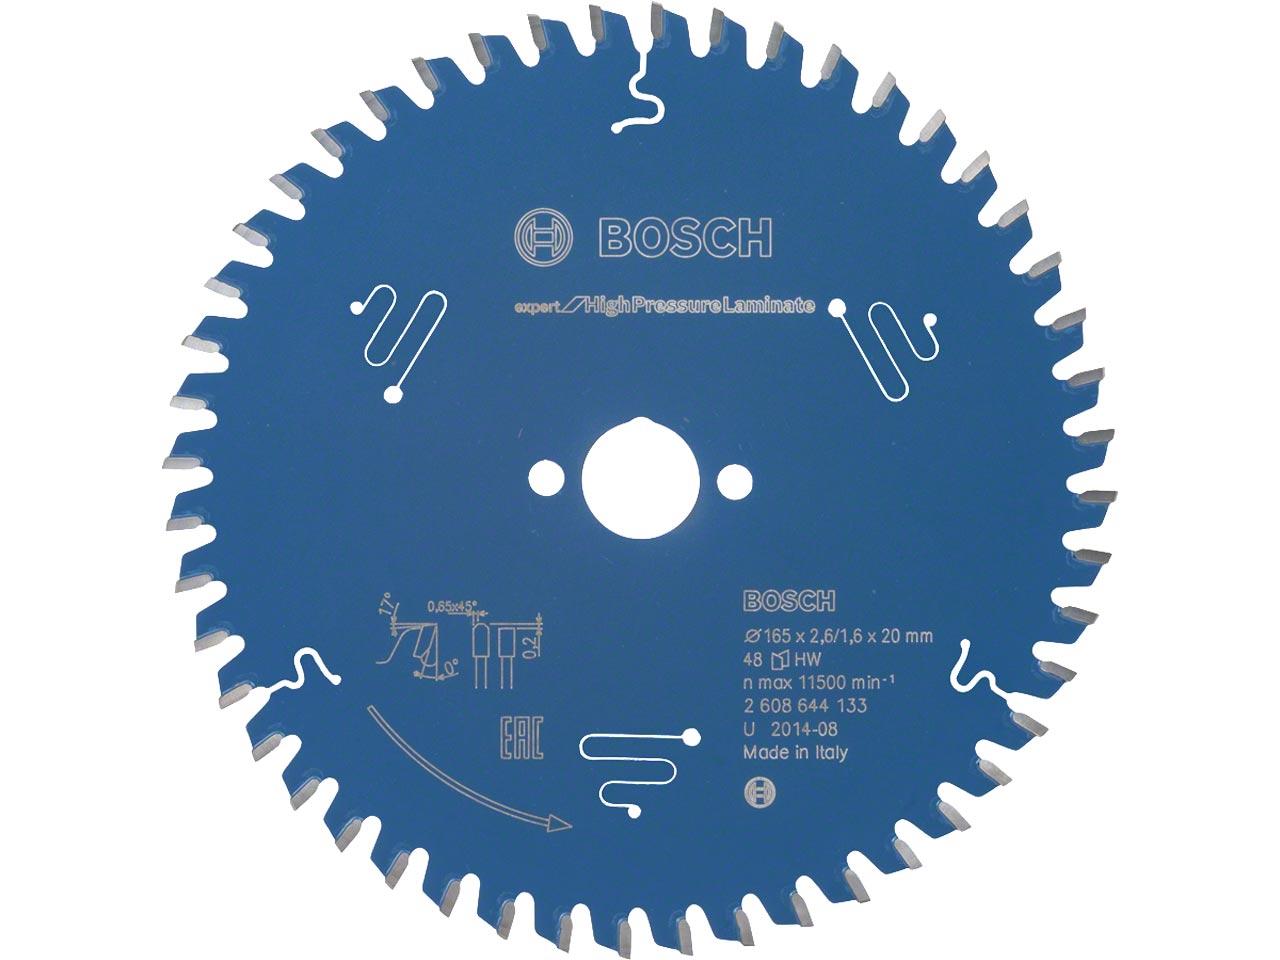 Bosch_2608644133.jpg